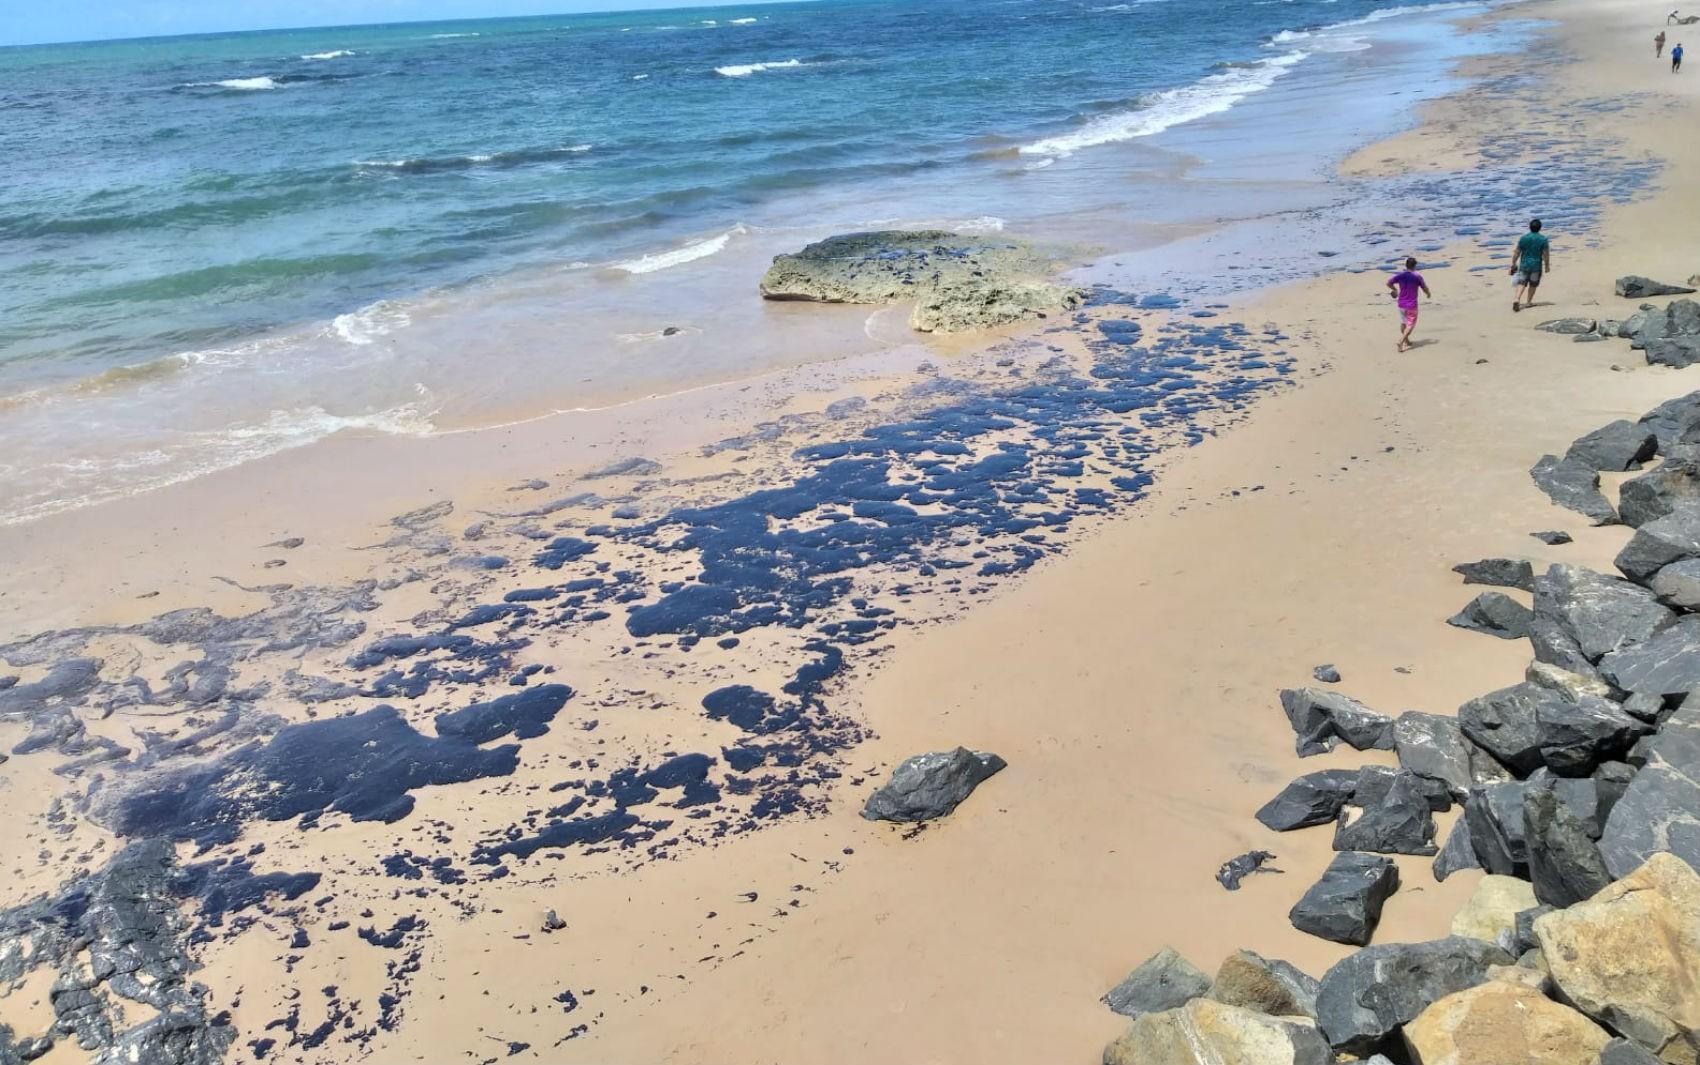 Após sobrevoo no litoral da Bahia, Salles diz que manchas de óleo são caso de poluição difusa sem precedente - Notícias - Plantão Diário